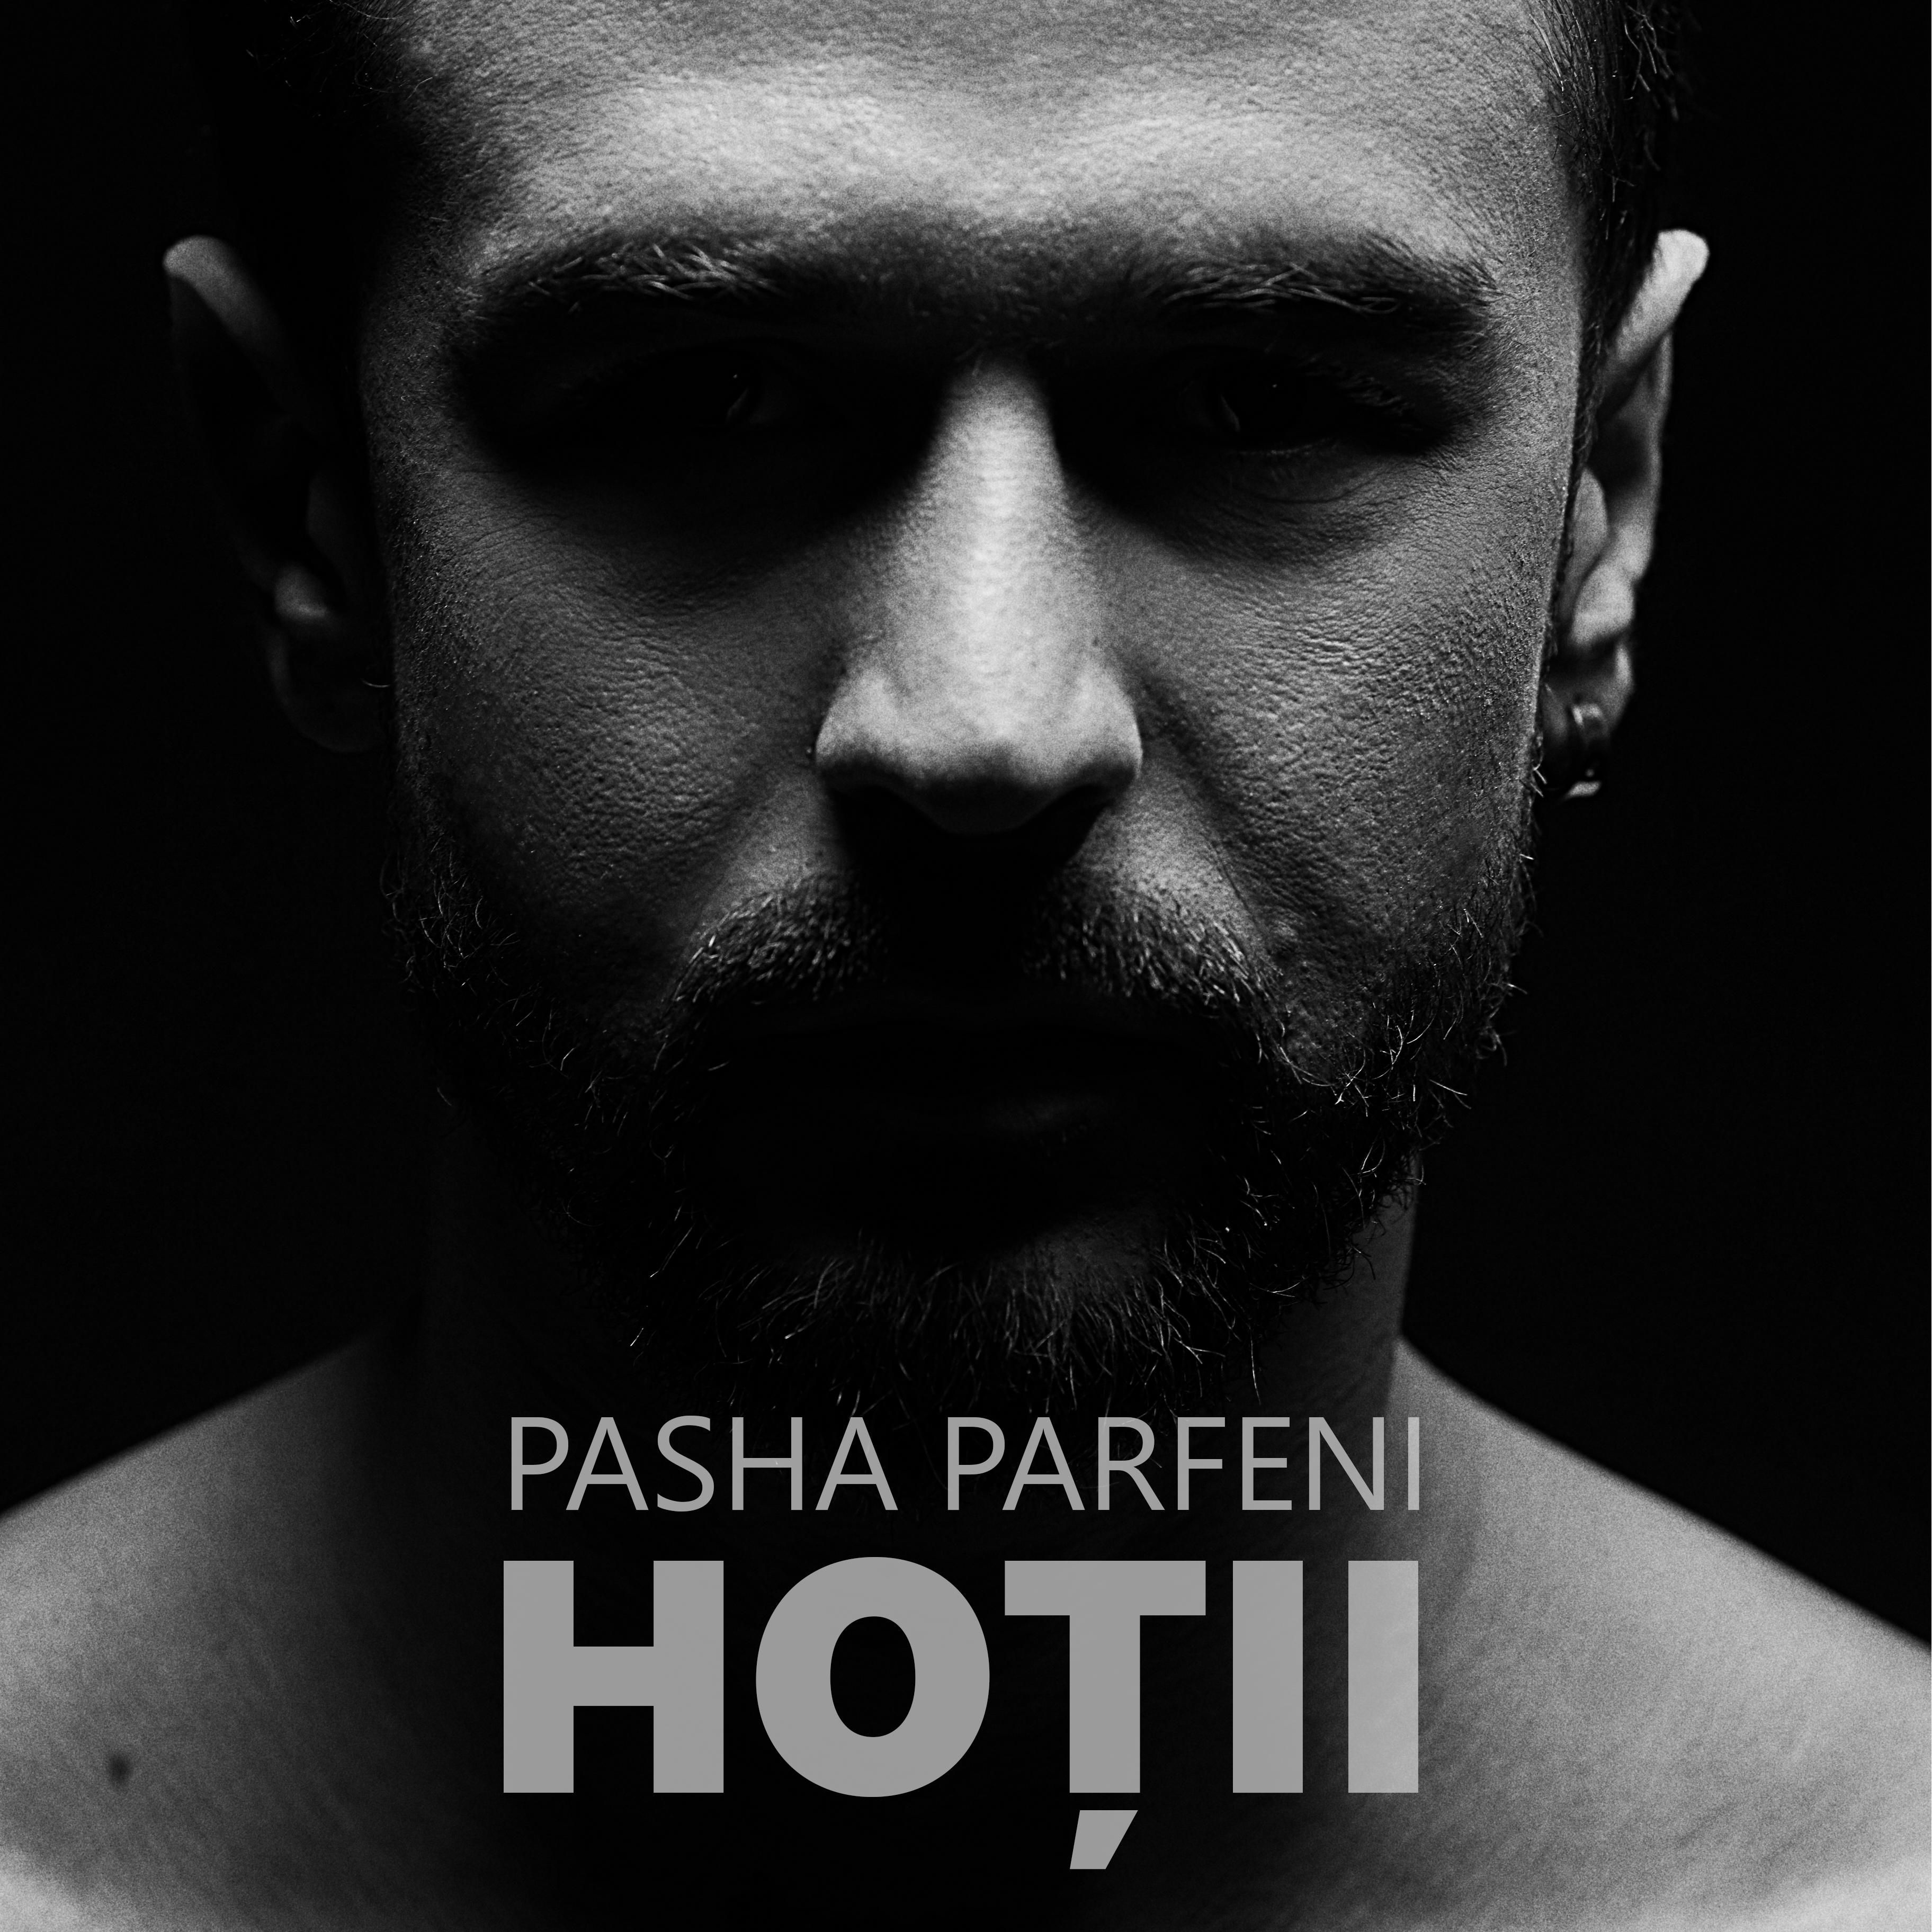 Pasha Parfeni ne aduce Hotii!